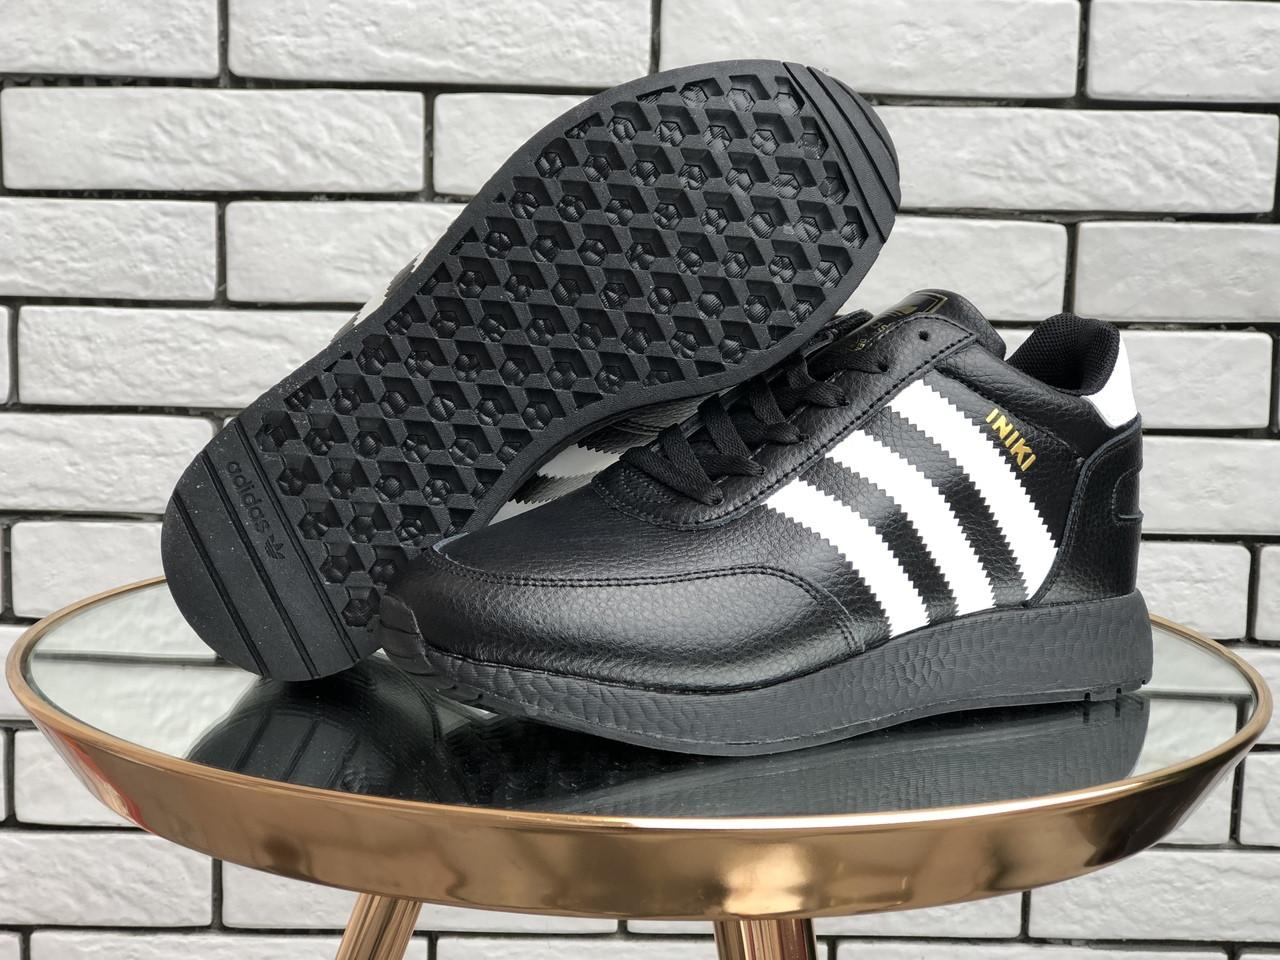 Жіночі зимові кросівки Adidas Iniki (чорно-білі) 9950